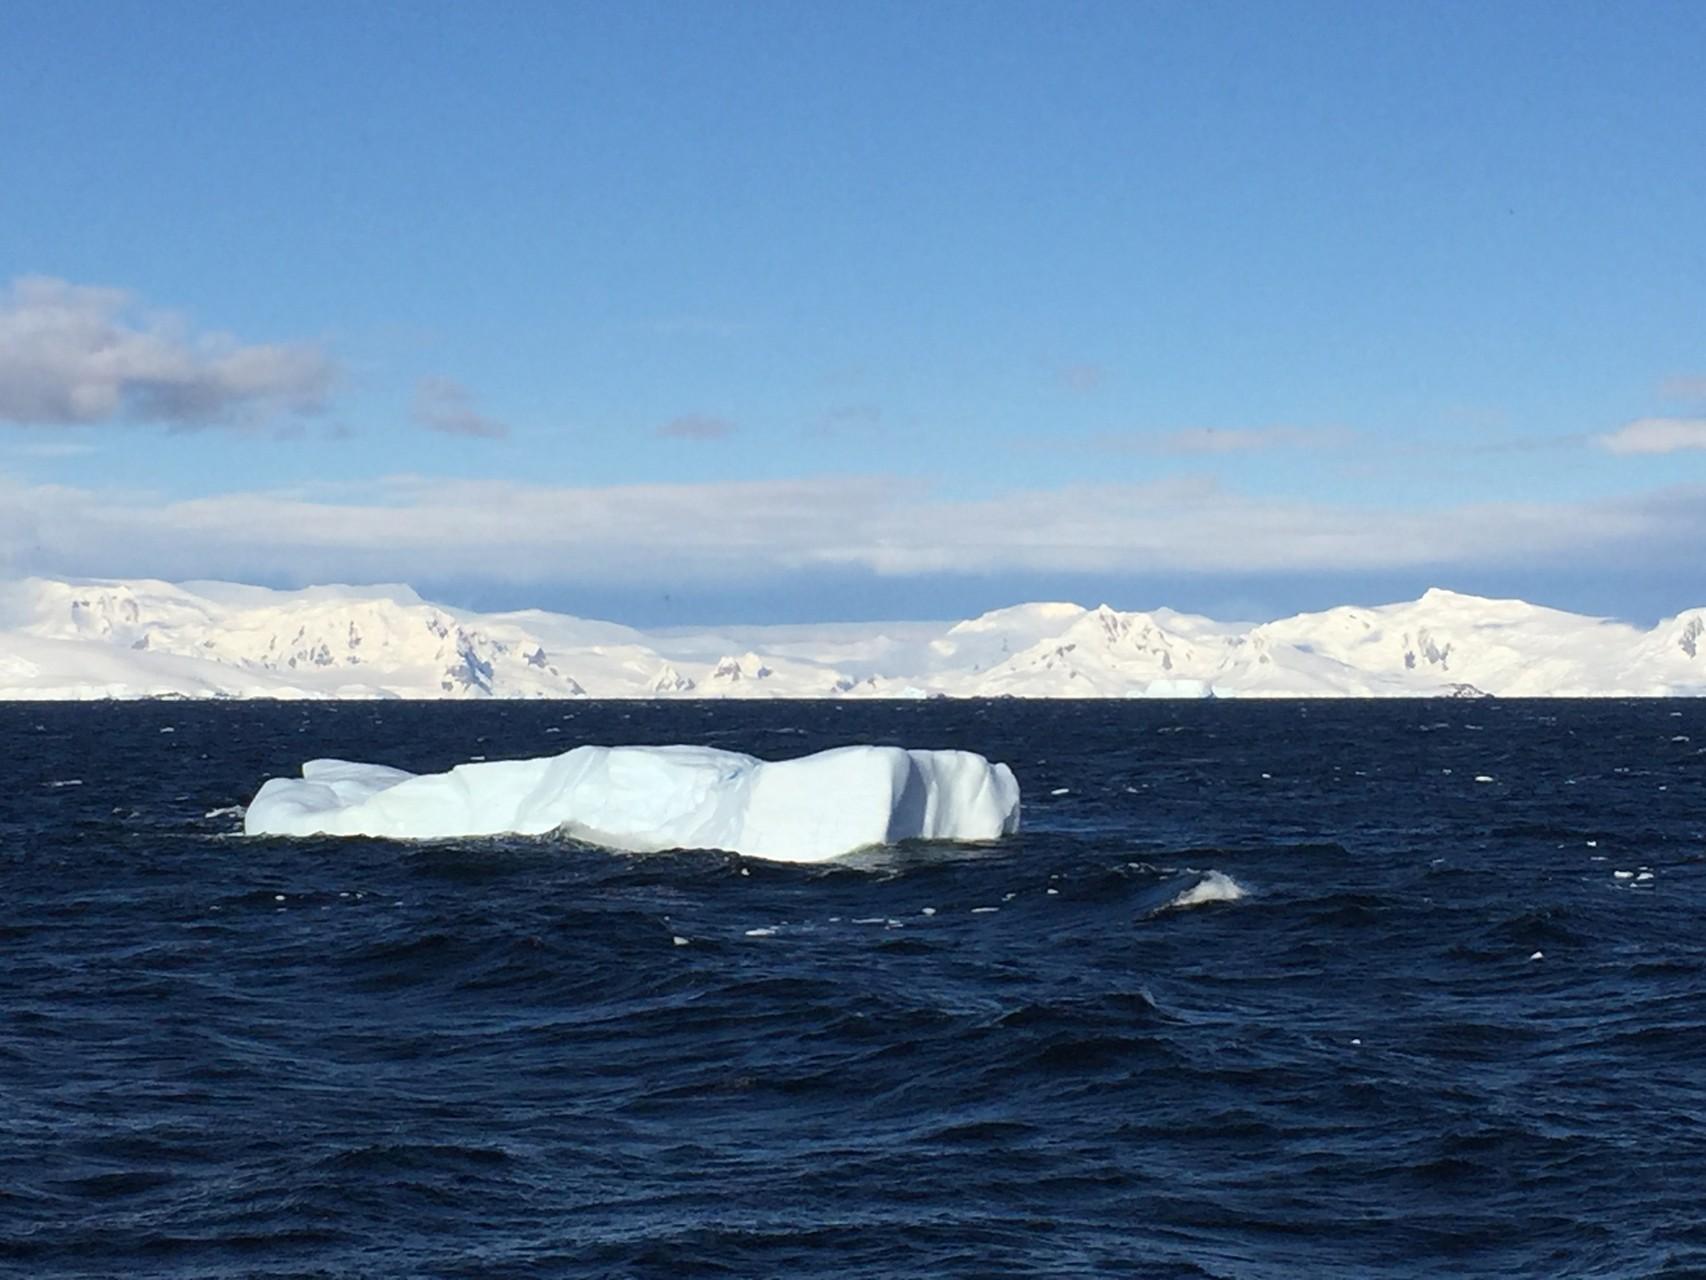 Im Gerlach Strait